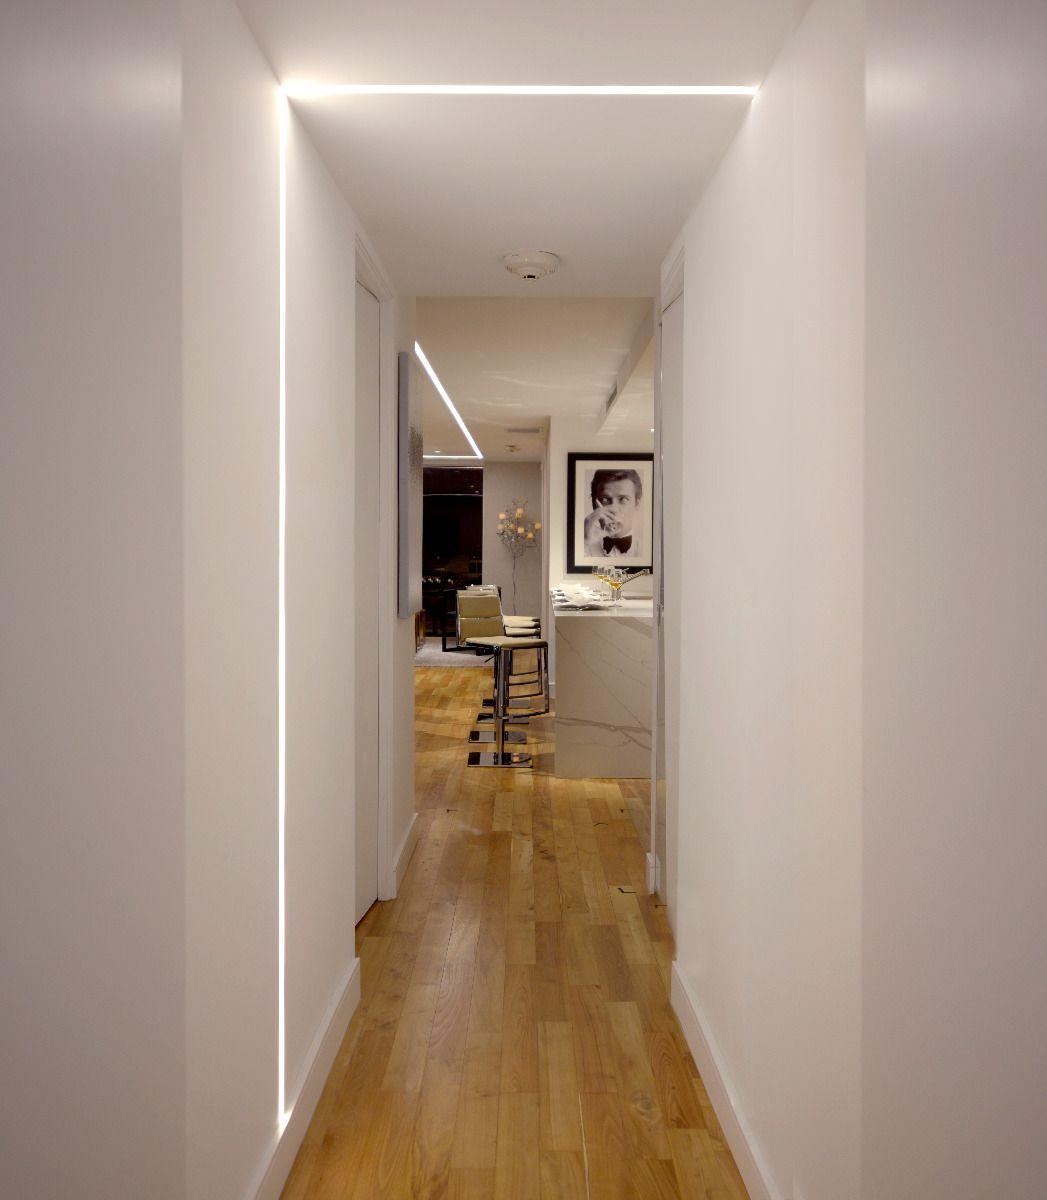 Alcon Lighting 12100 23 R L Continuum 23 Architectural